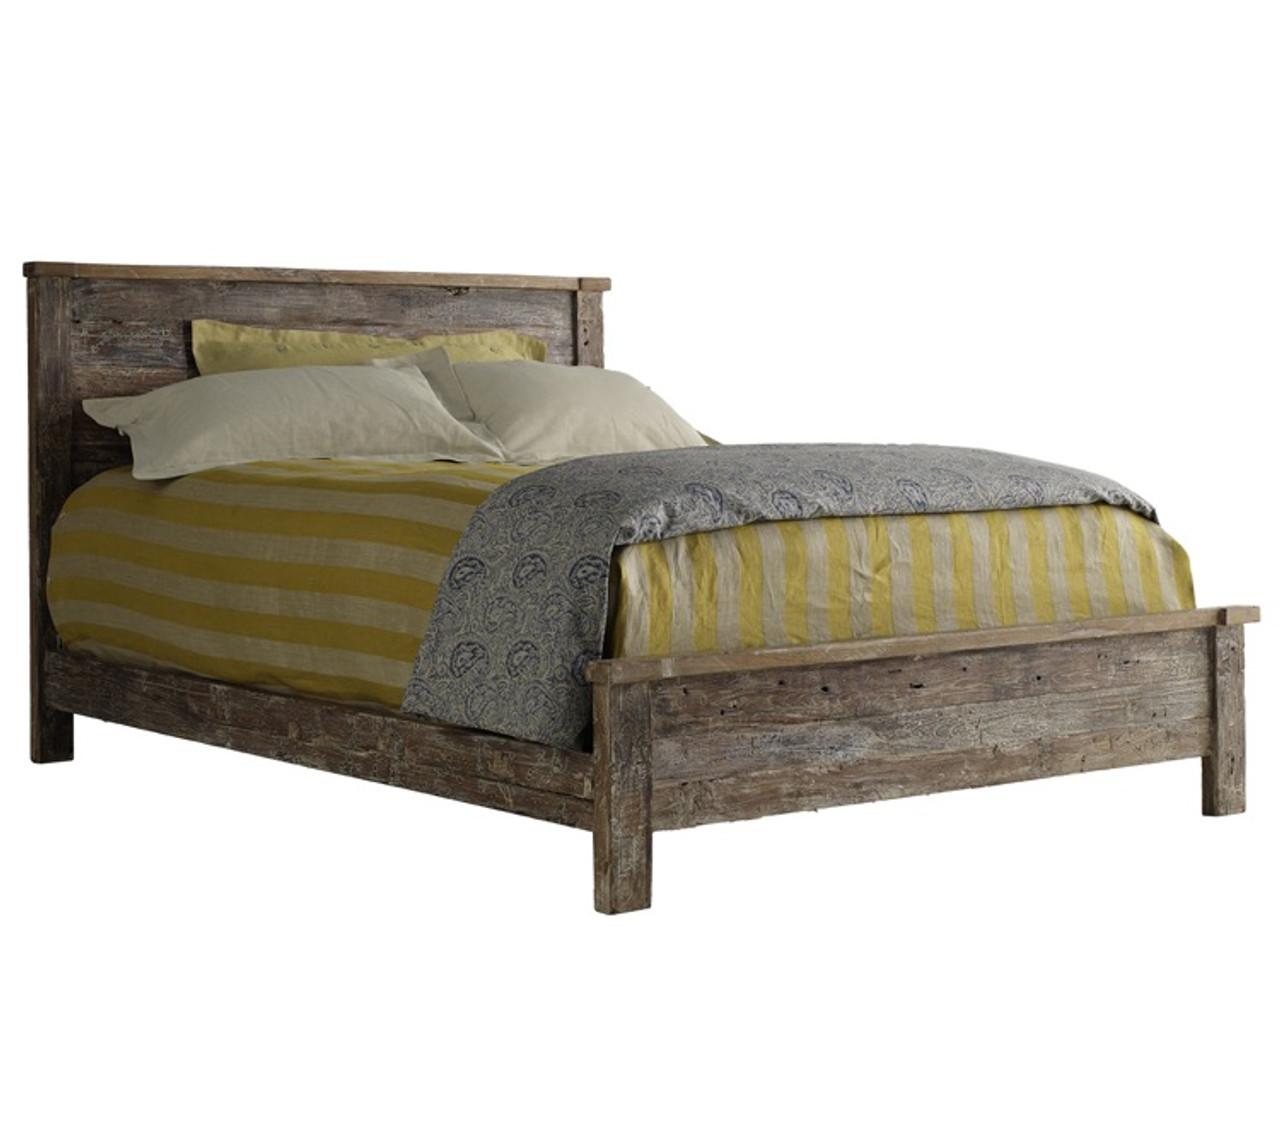 Hampton Rustic Teak Wood California King Bed Frame | Zin Home